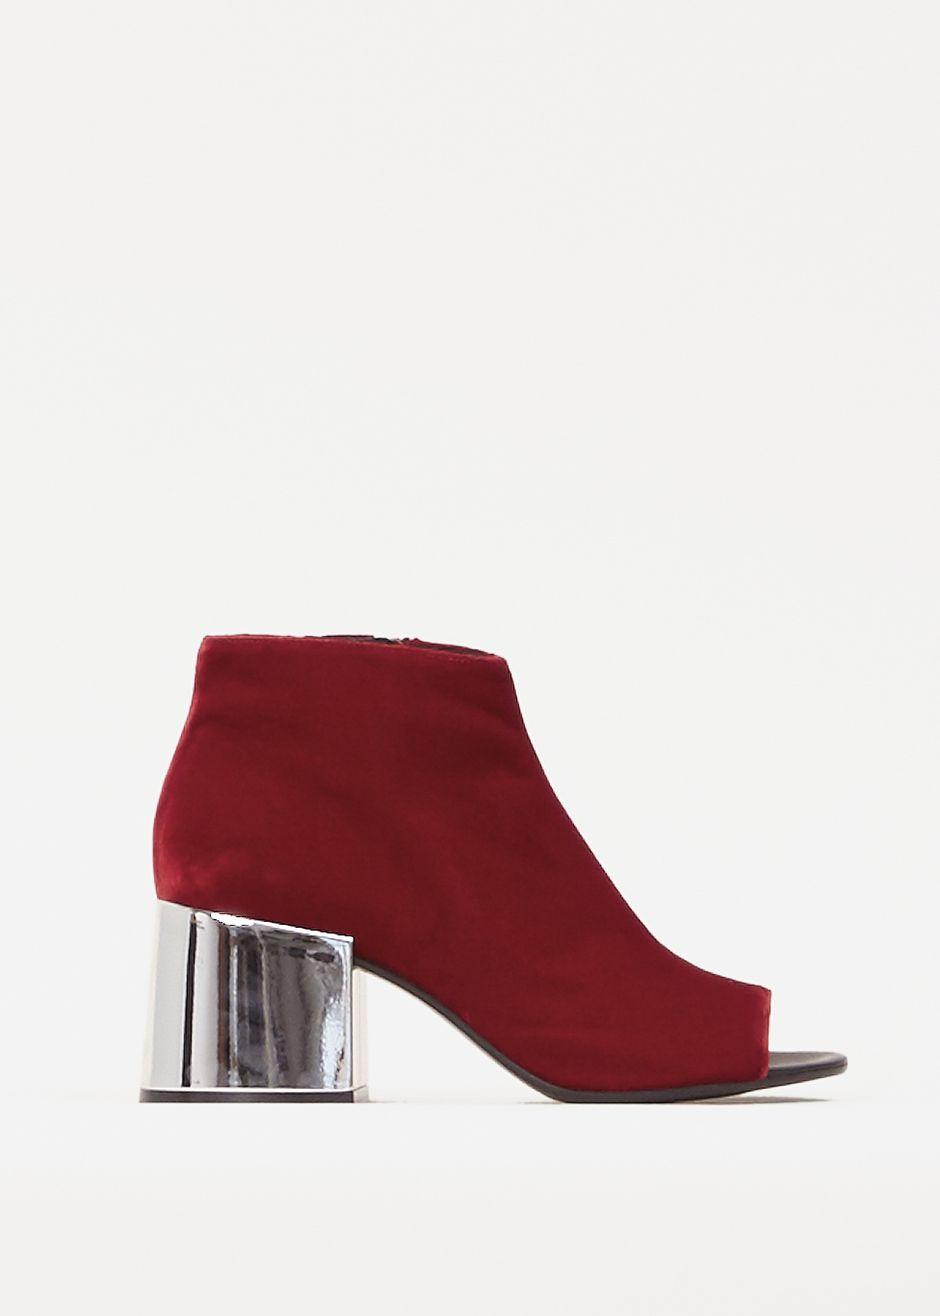 MM6 Maison Margiela Velvet Peeptoe Heel (Red)